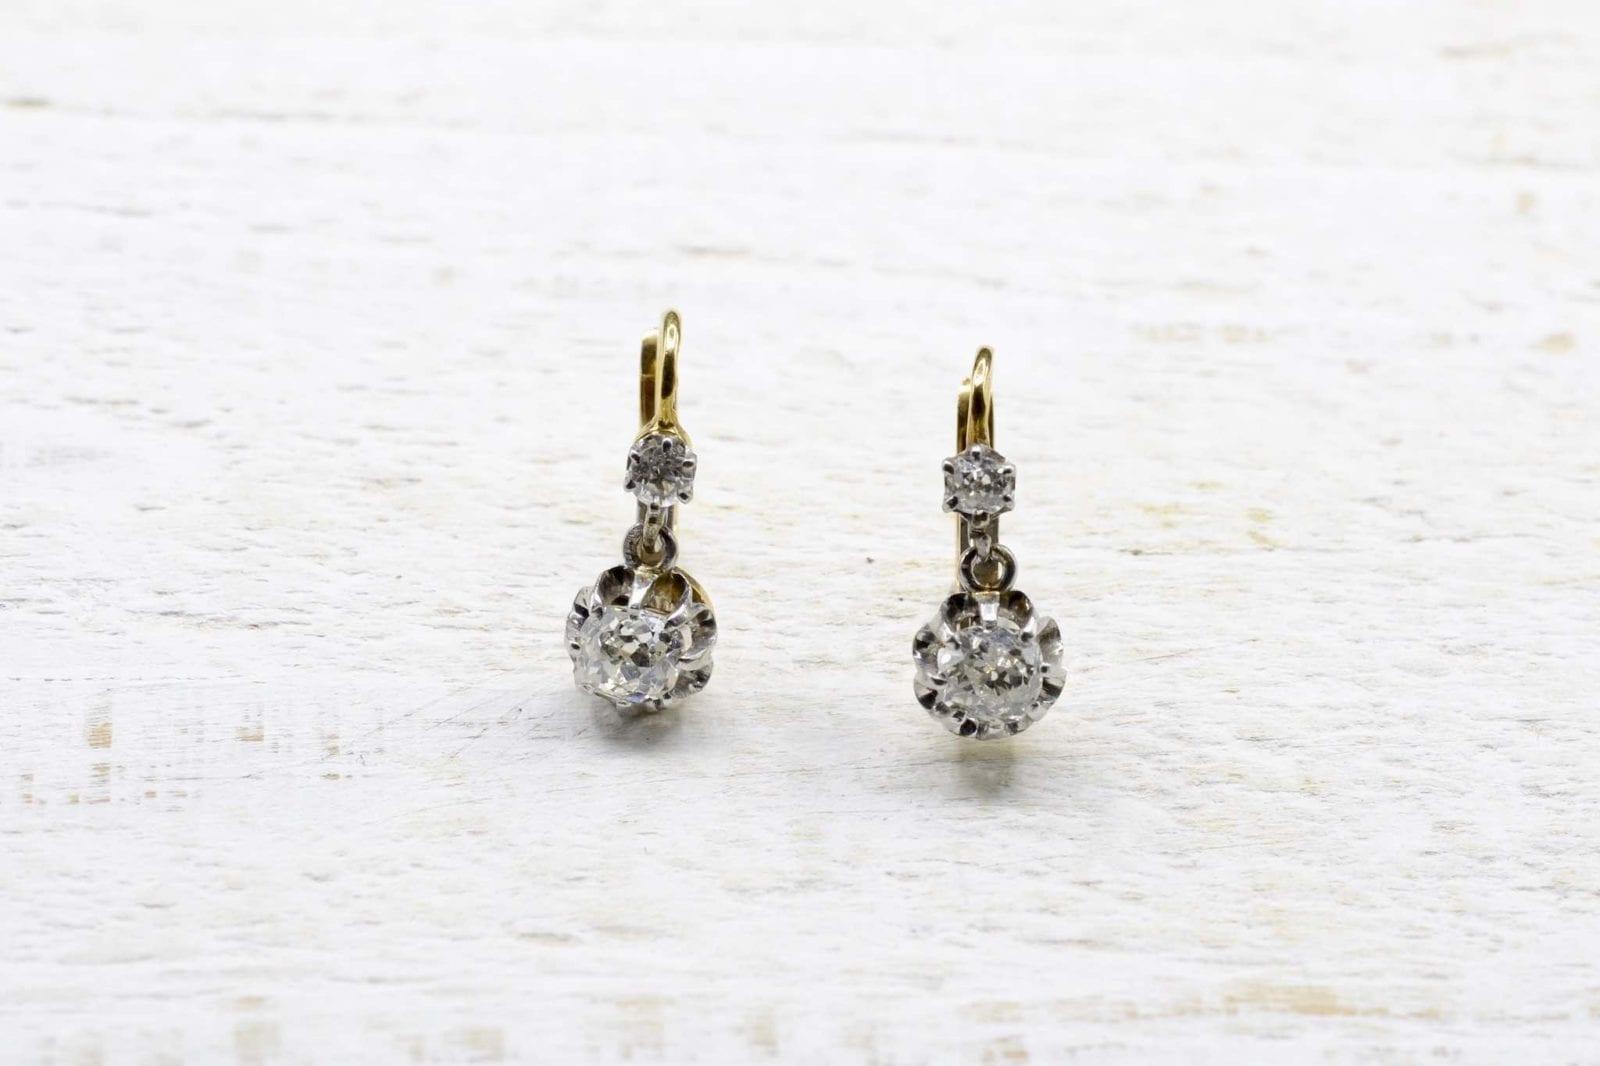 boucle d'oreilles or diamants